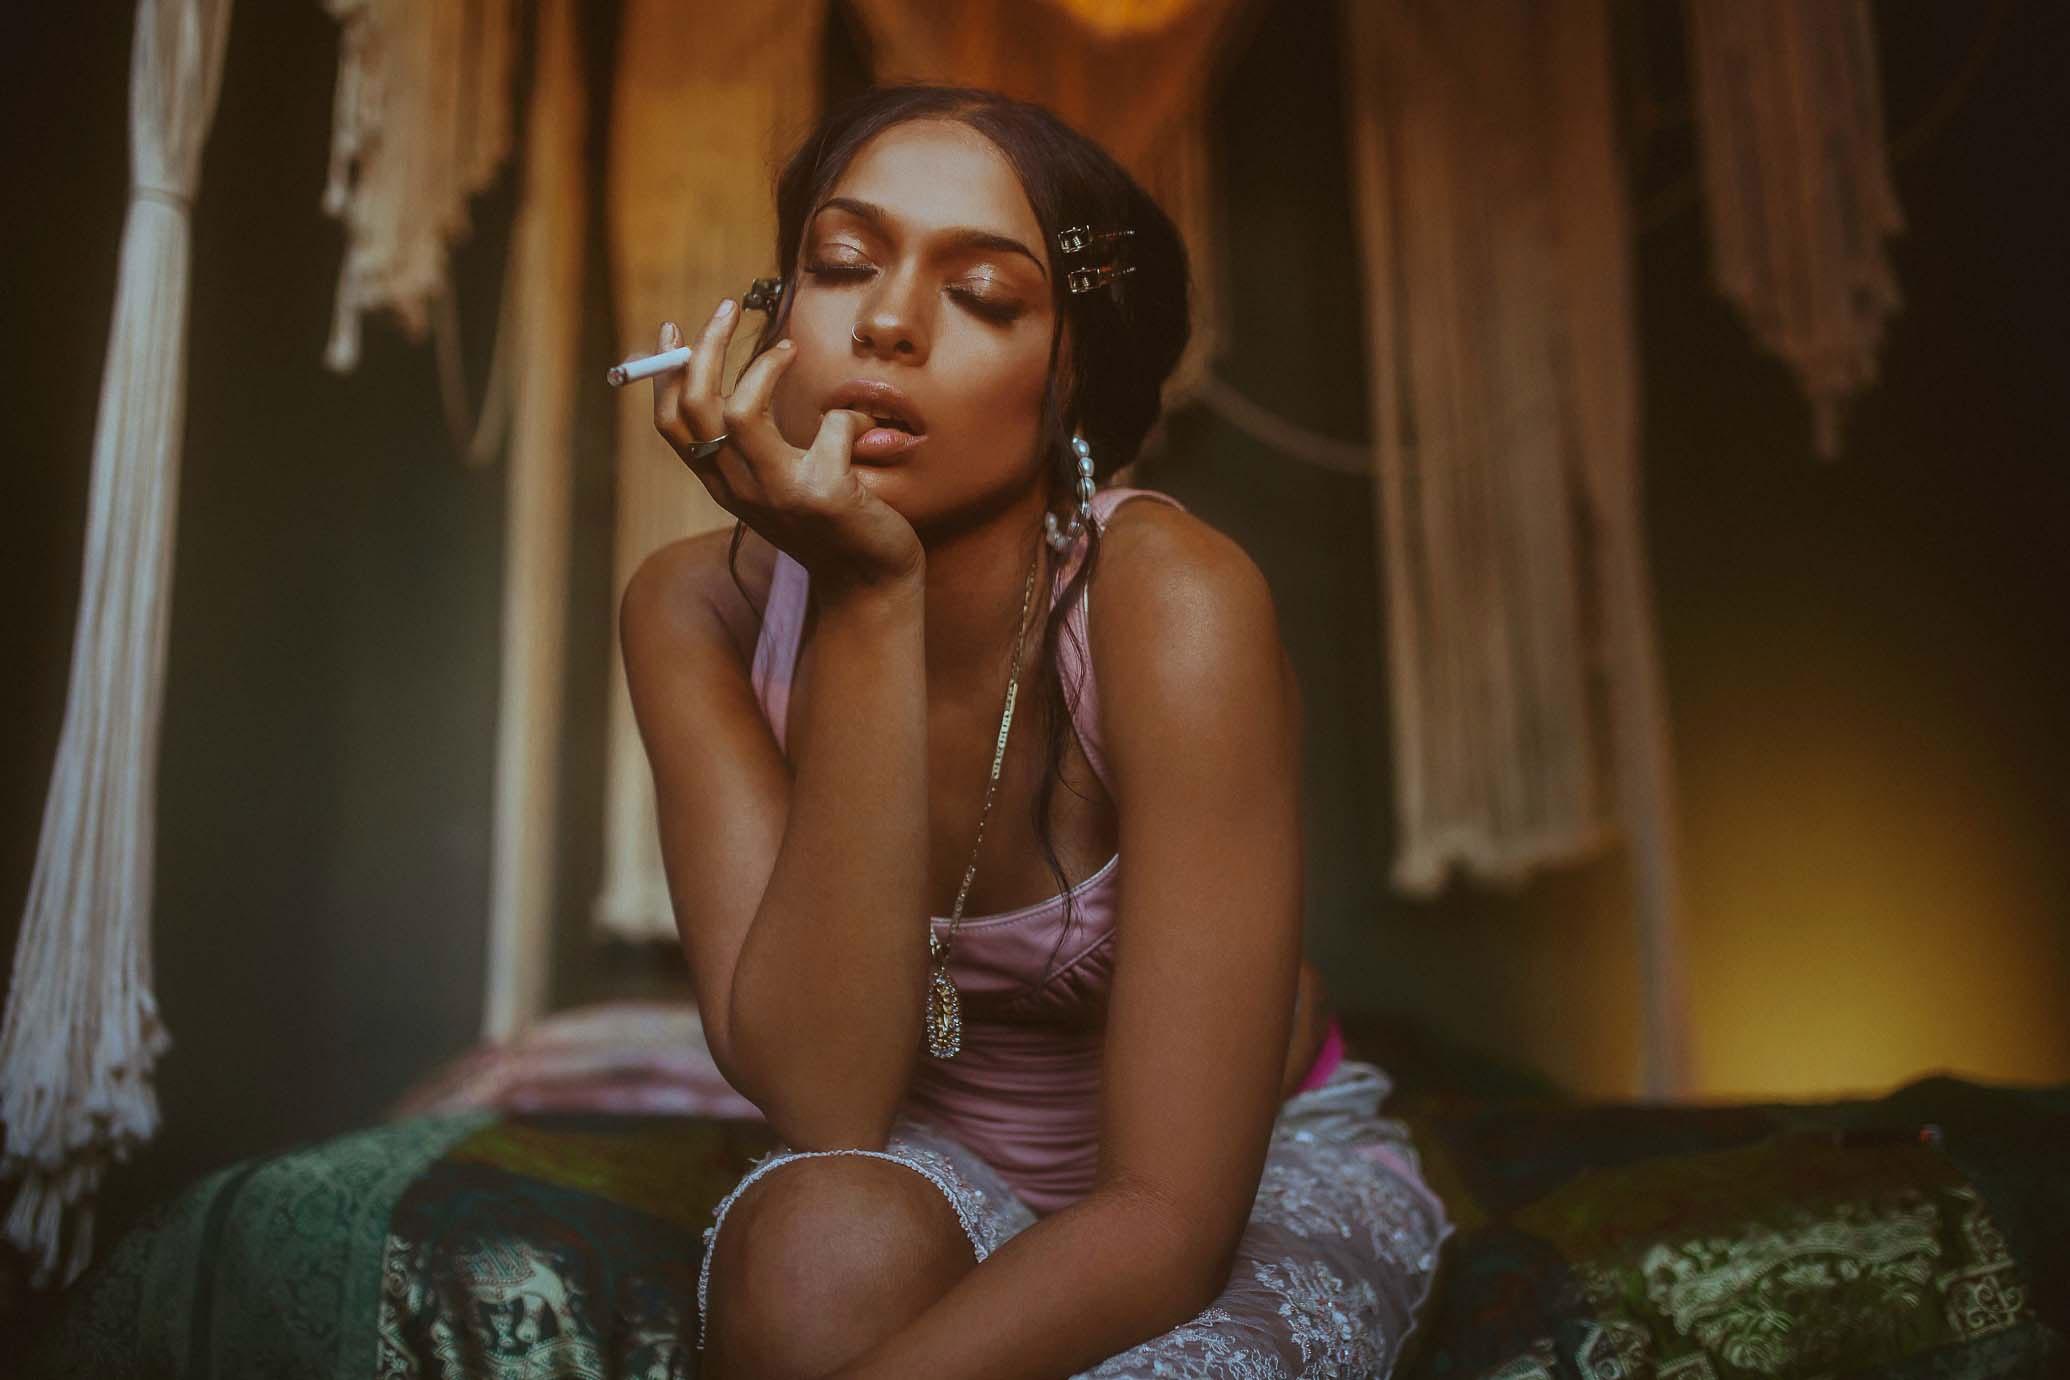 MOR.BO RIOT: Princess Nokia, la rapera queer de Nueva York con flow radical, independiente y feminista